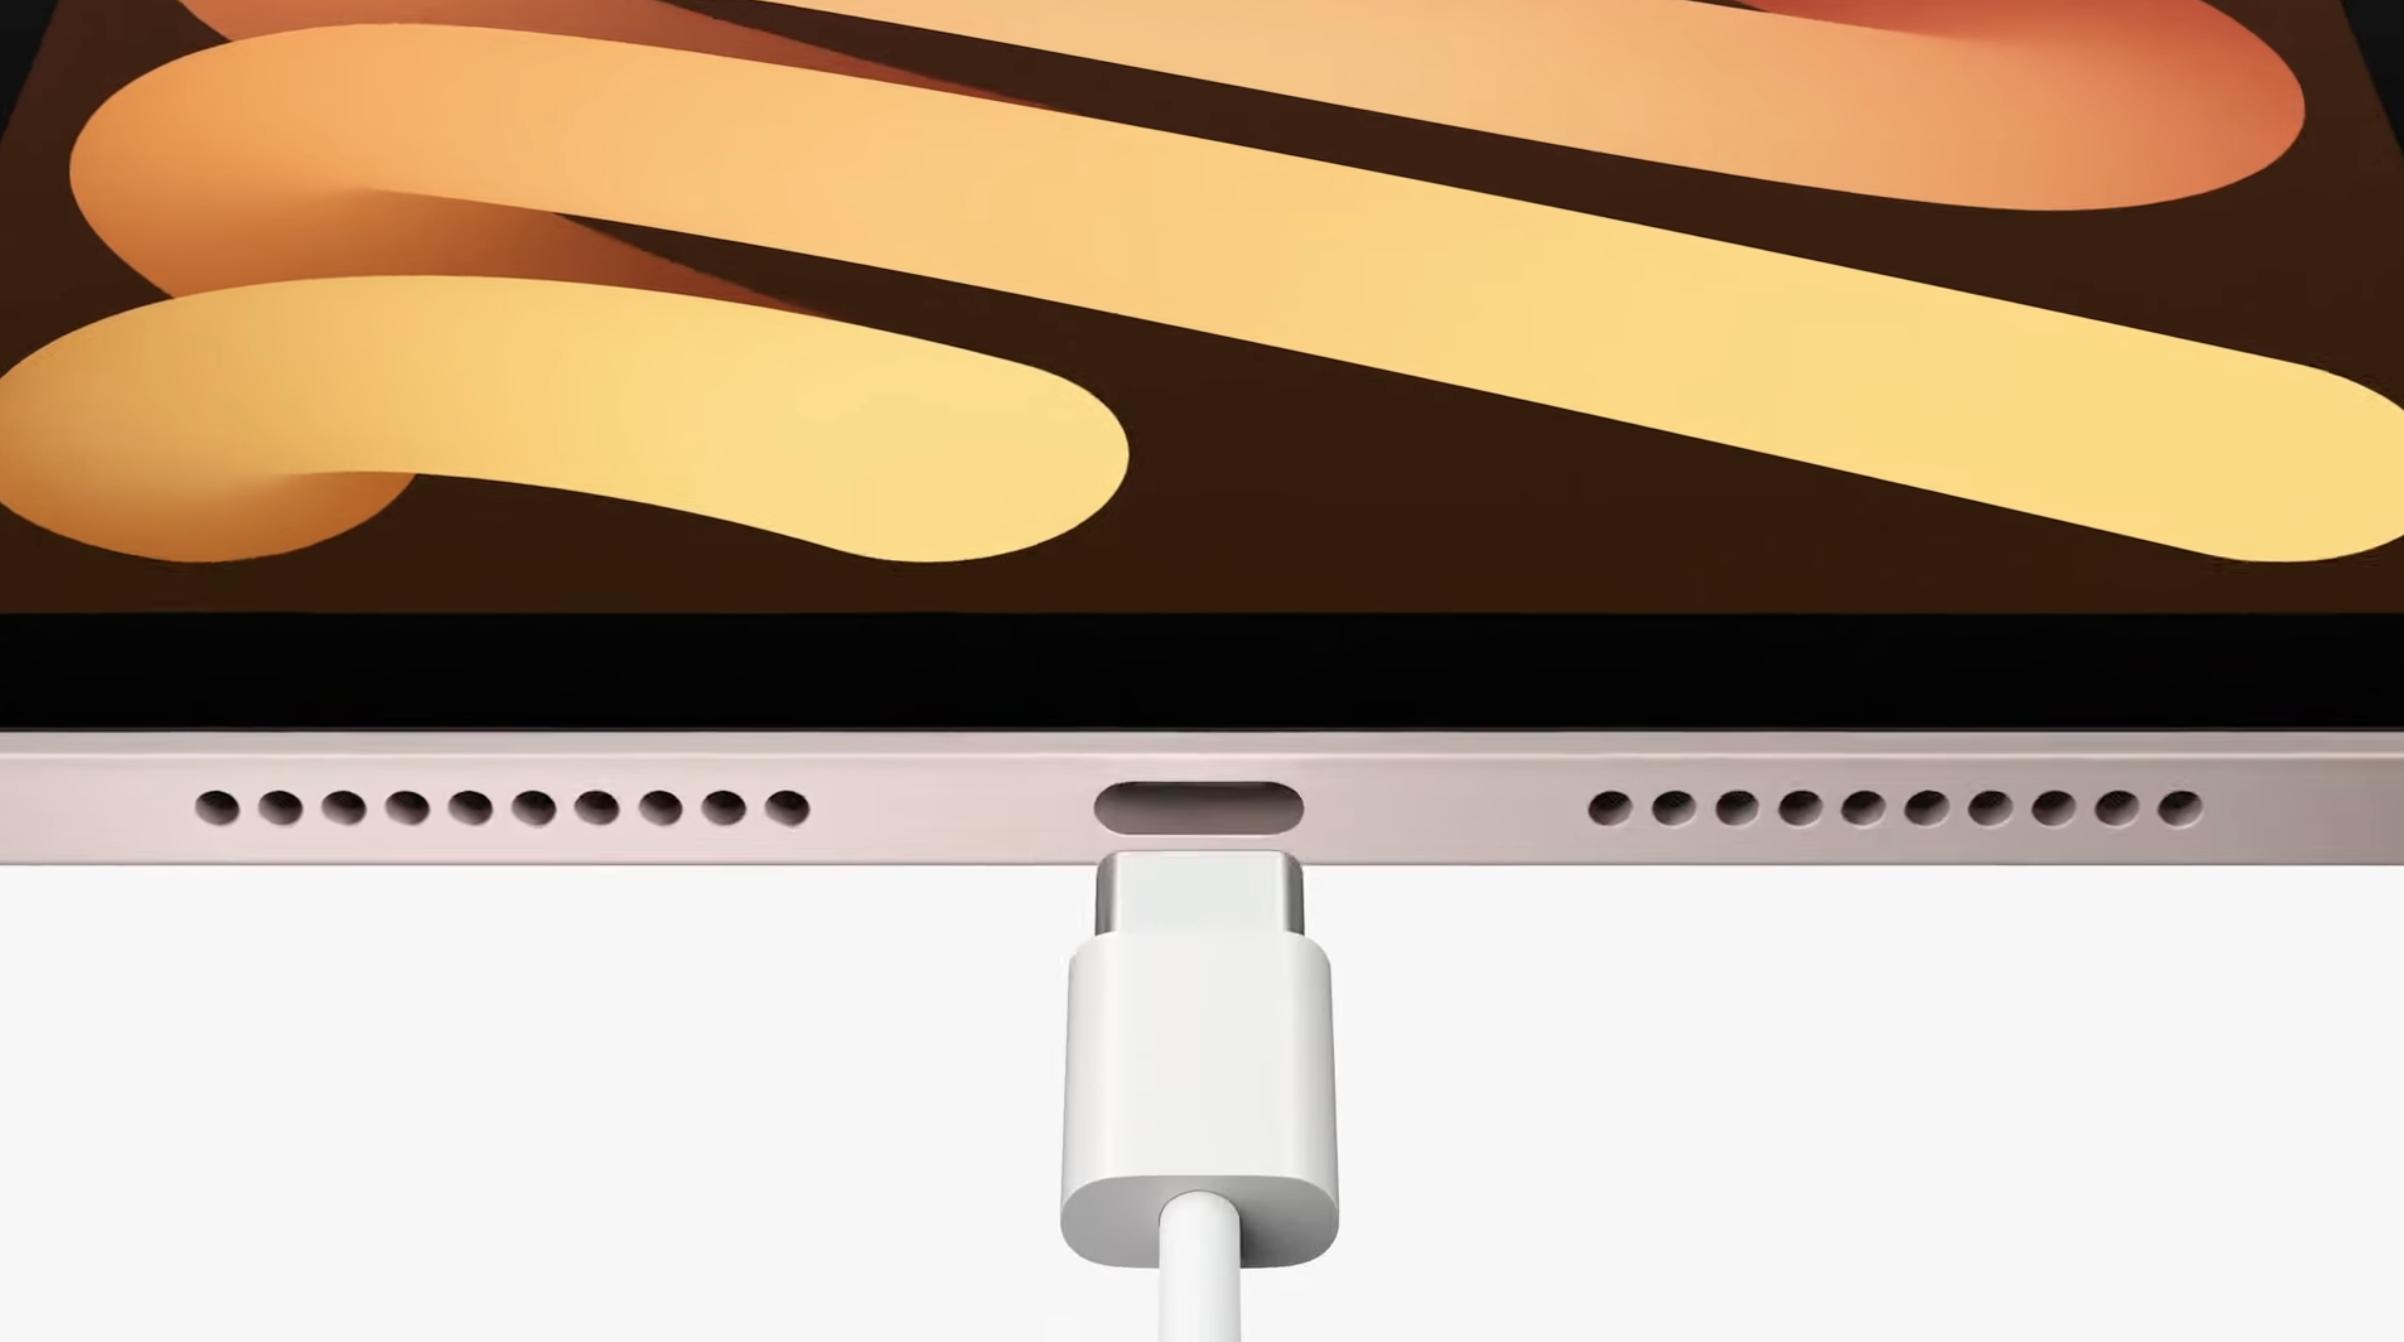 new iPad mini vs iPad mini 5 - I/O comparison